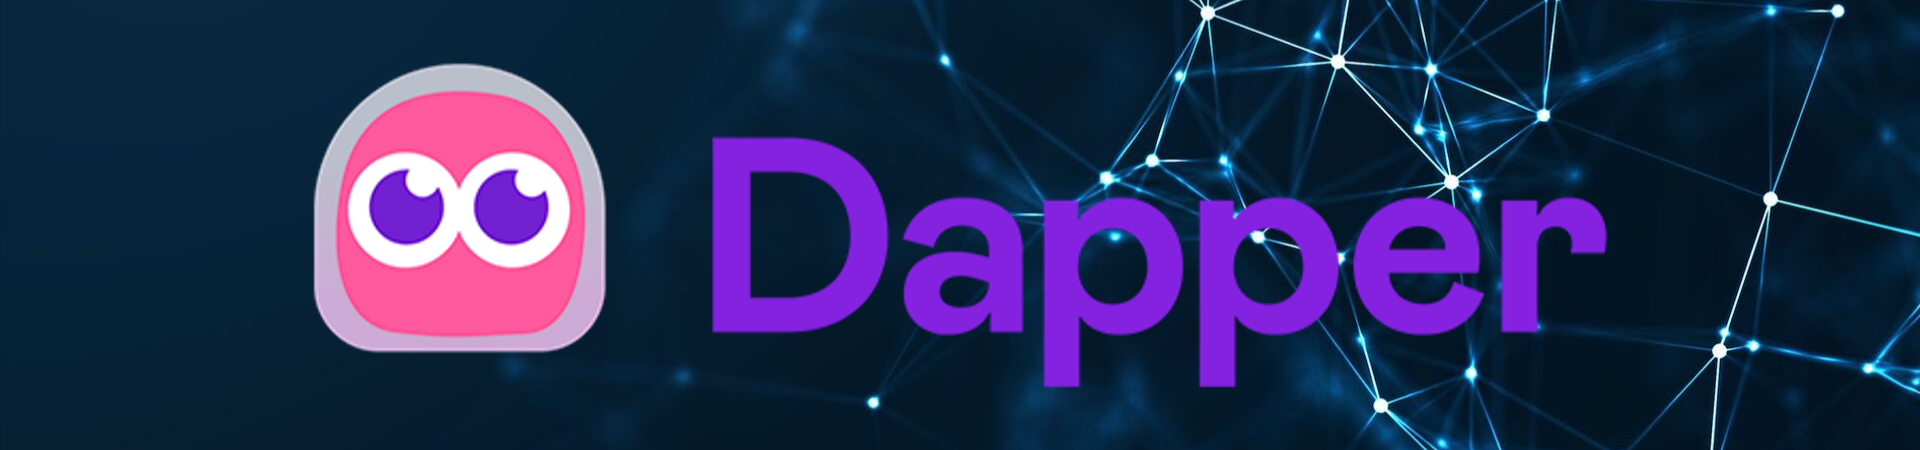 Dapper Labs Collaborate to Develop a New Blockchain